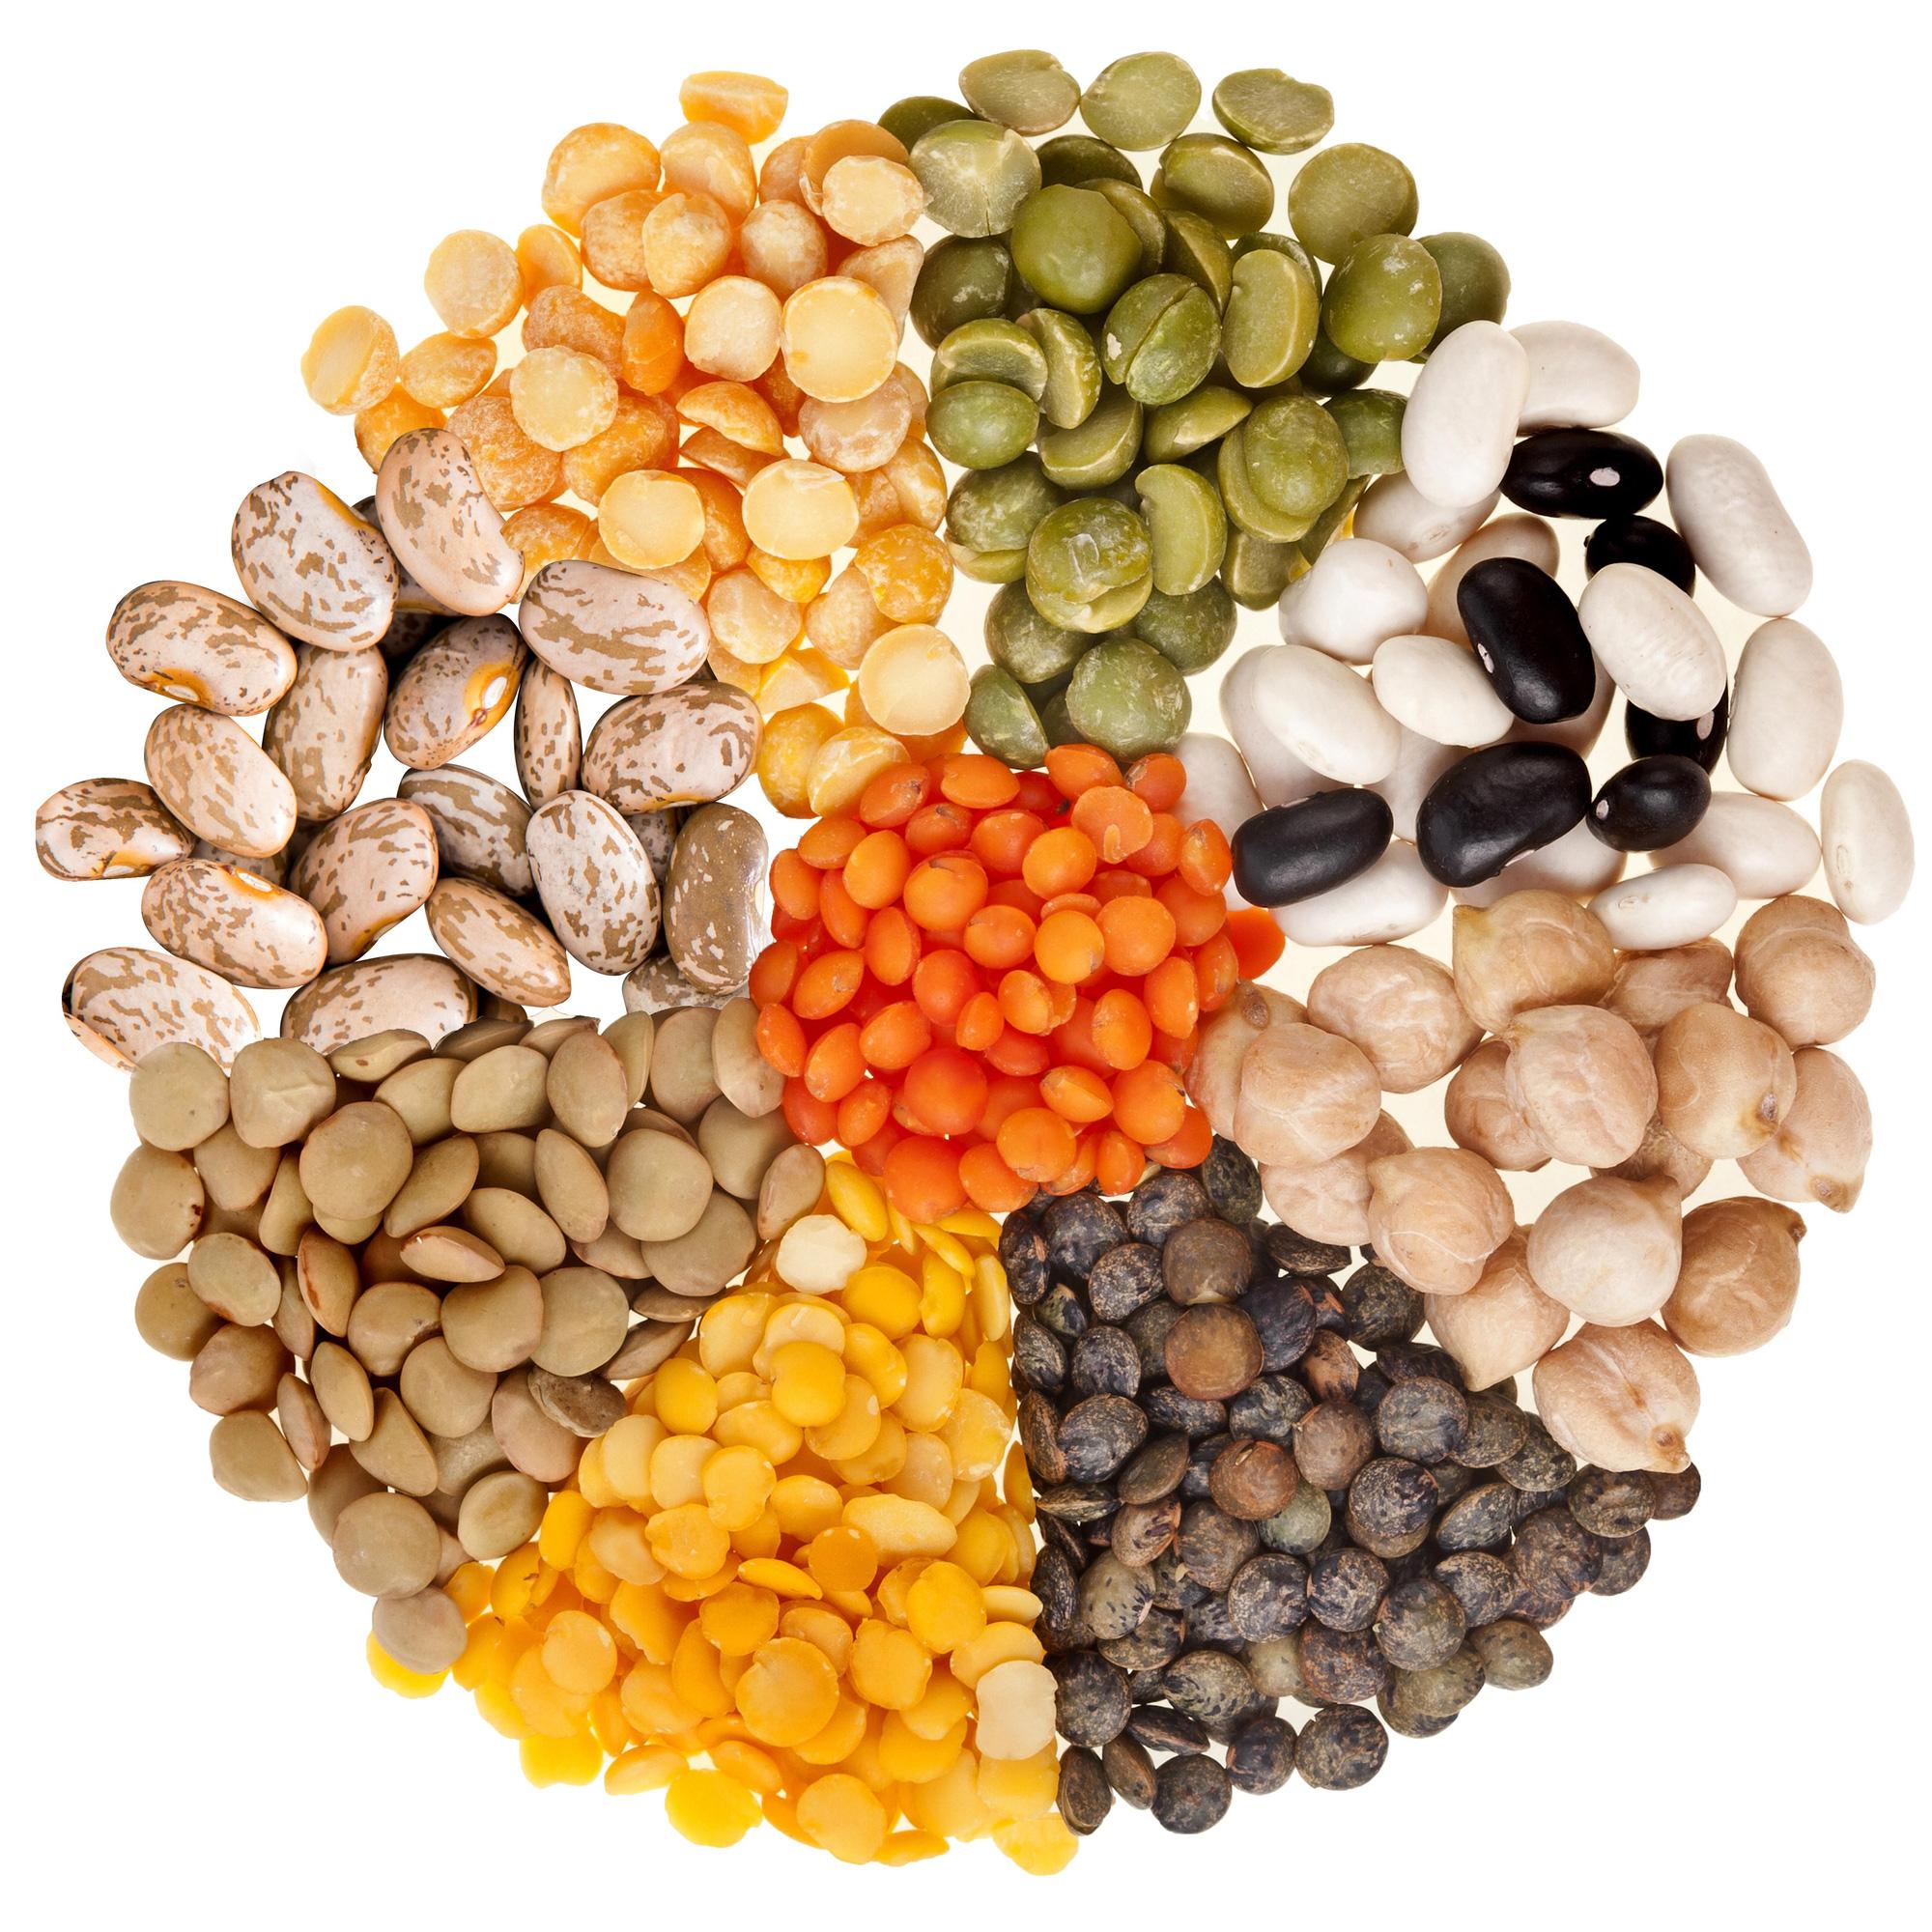 Đậu khô – sự lựa chọn tuyệt vời cho những bữa ăn dinh dưỡng - Ảnh 1.